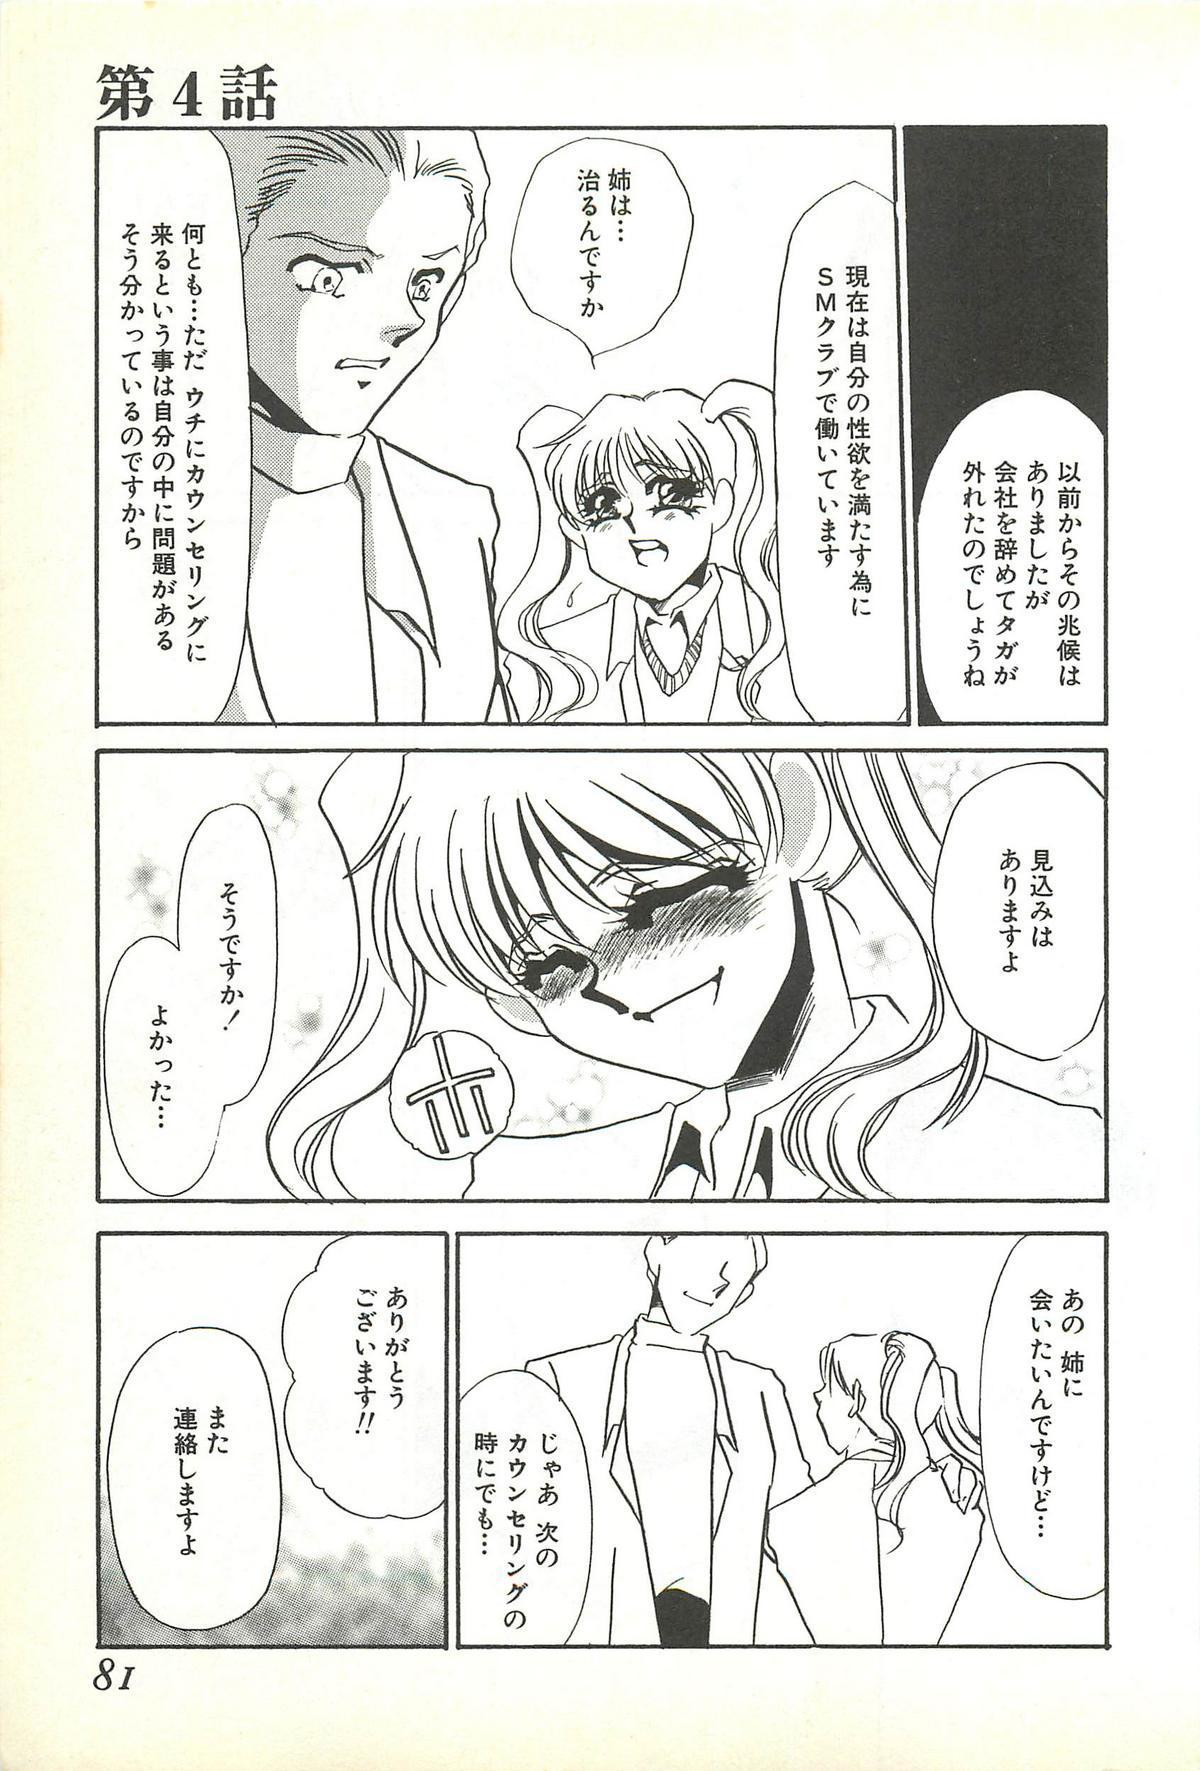 Chigyaku no Heya - A Shameful Punishment Room 76